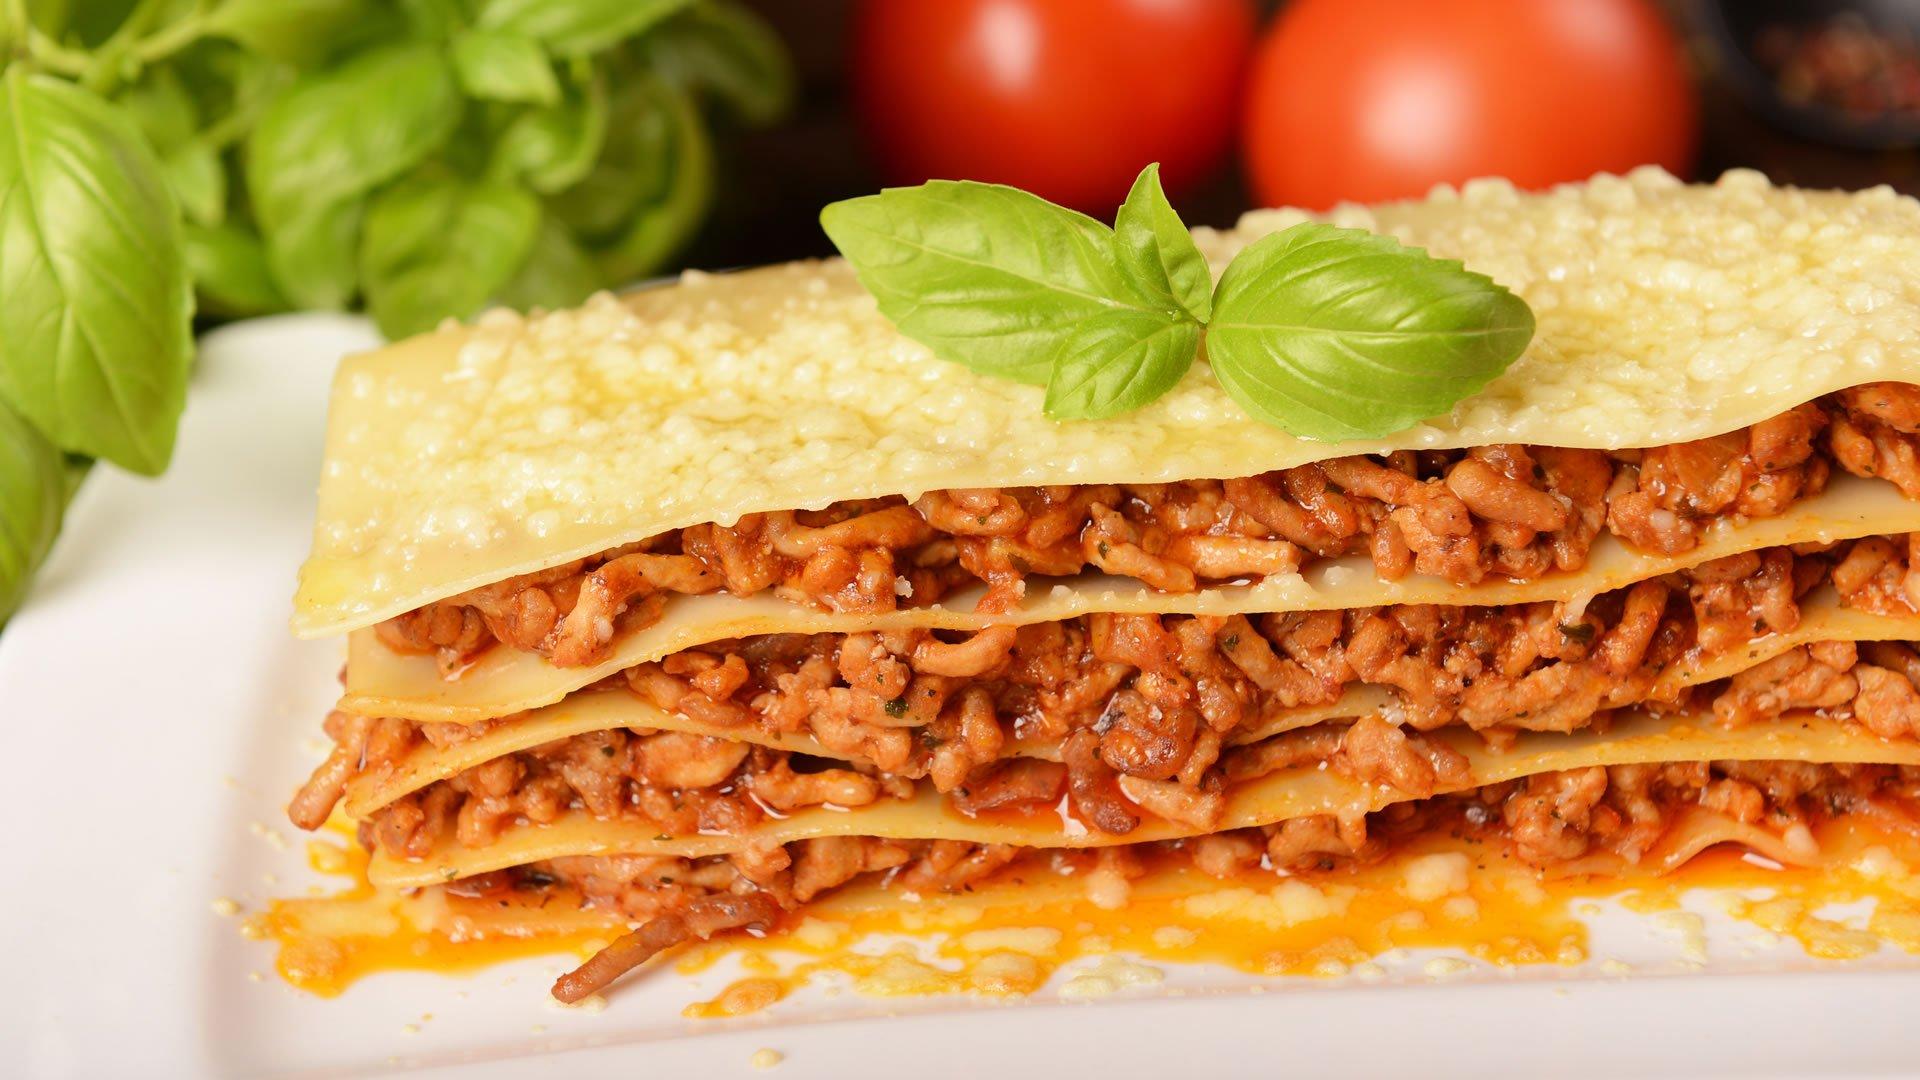 Guia de costumbres y comidas internacionales italia for Comida italiana